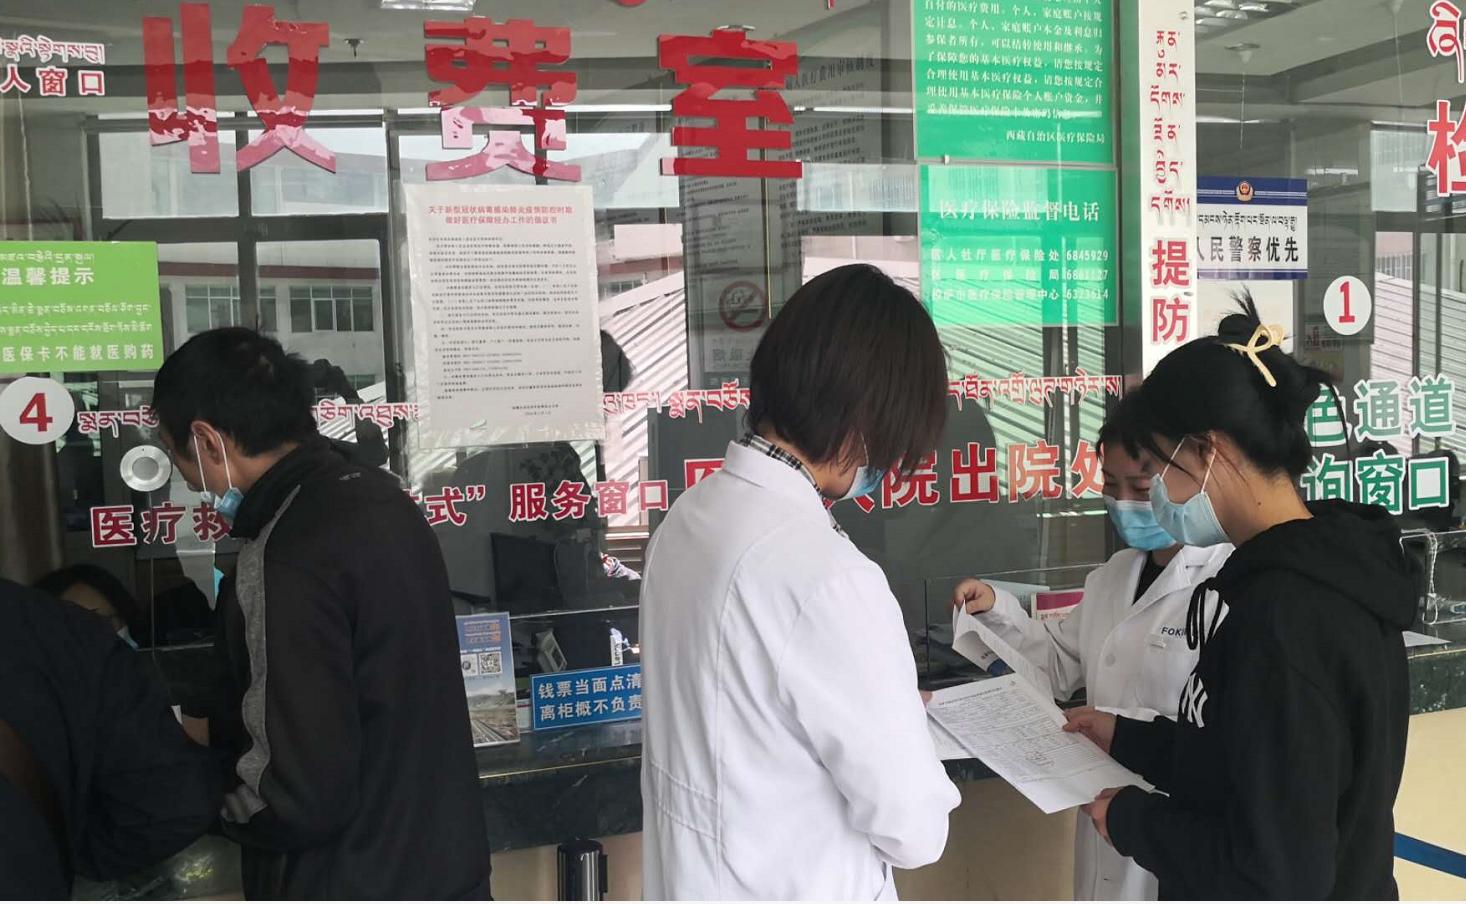 西藏阜康医院开通城乡居民医疗保险一站式医疗费用即时结算业务